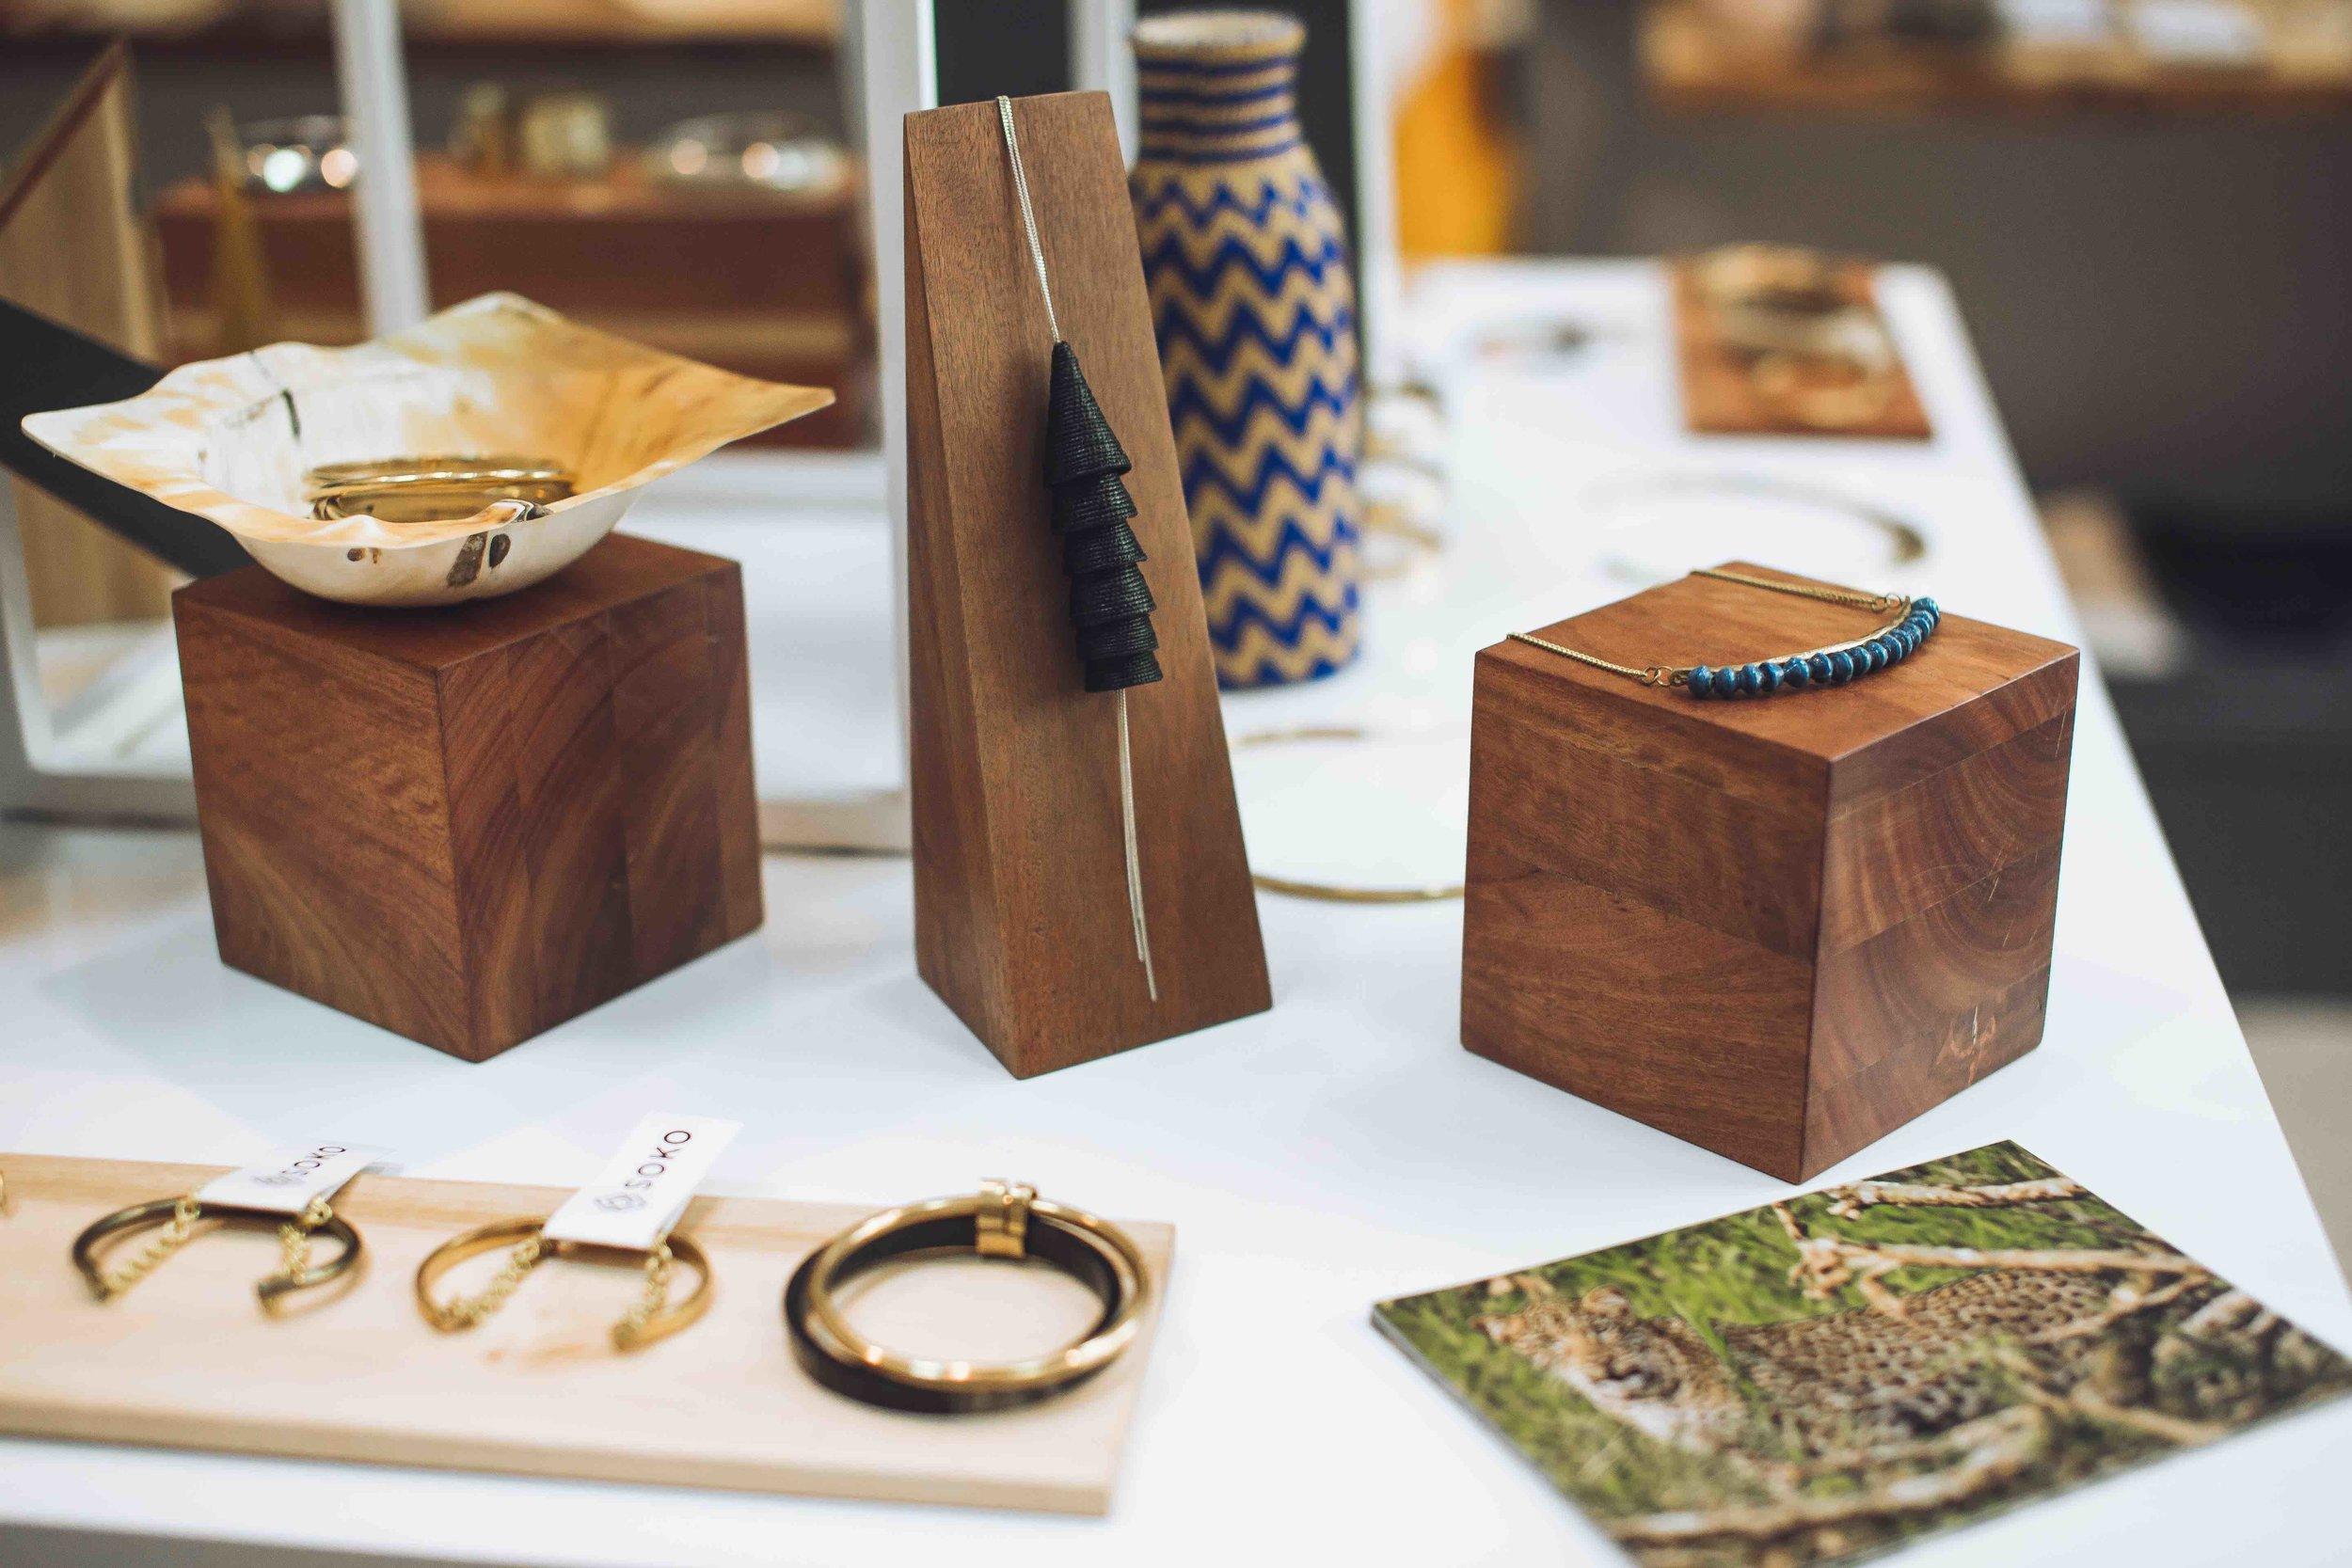 Jewelery Displays